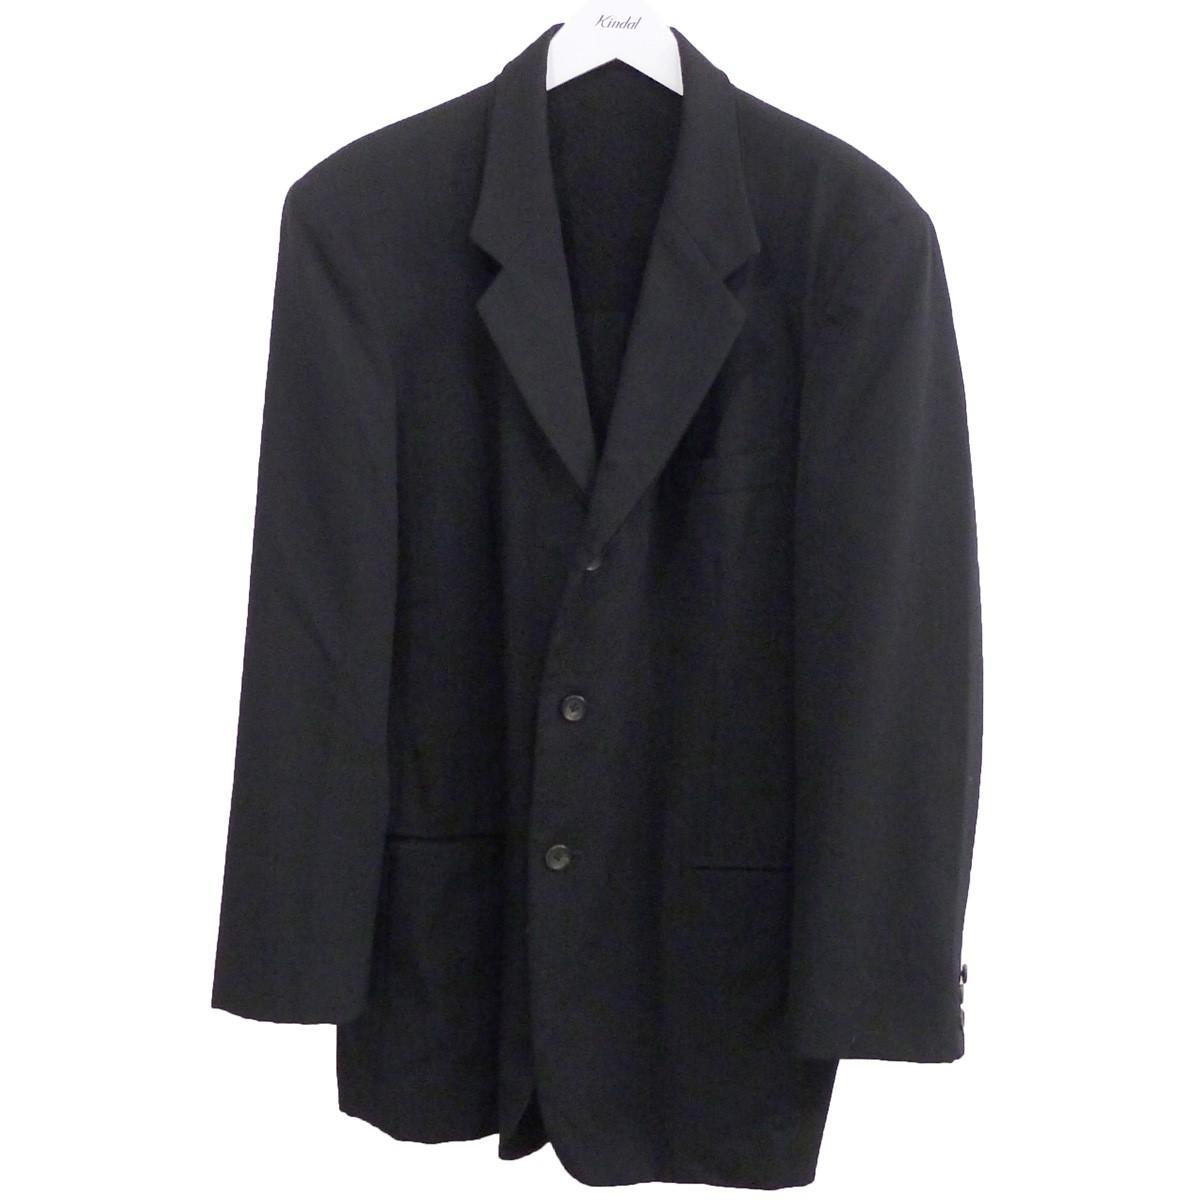 【中古】YOHJI YAMAMOTO pour homme ノッチドラペル3Bジャケット ブラック サイズ:3 【230720】(ヨウジヤマモトプールオム)